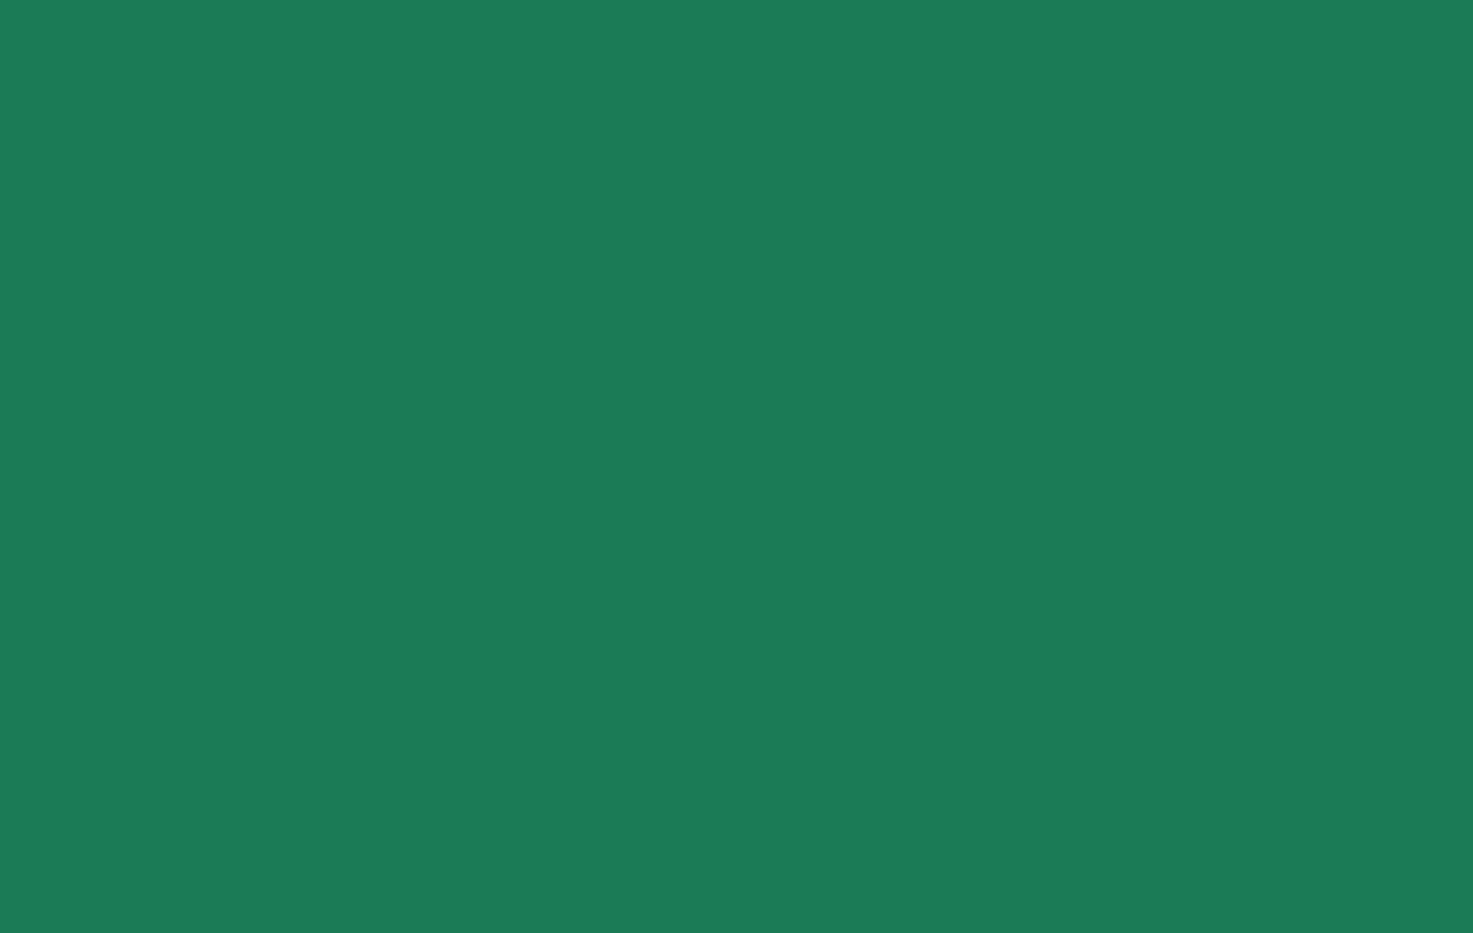 verde smeraldo 540